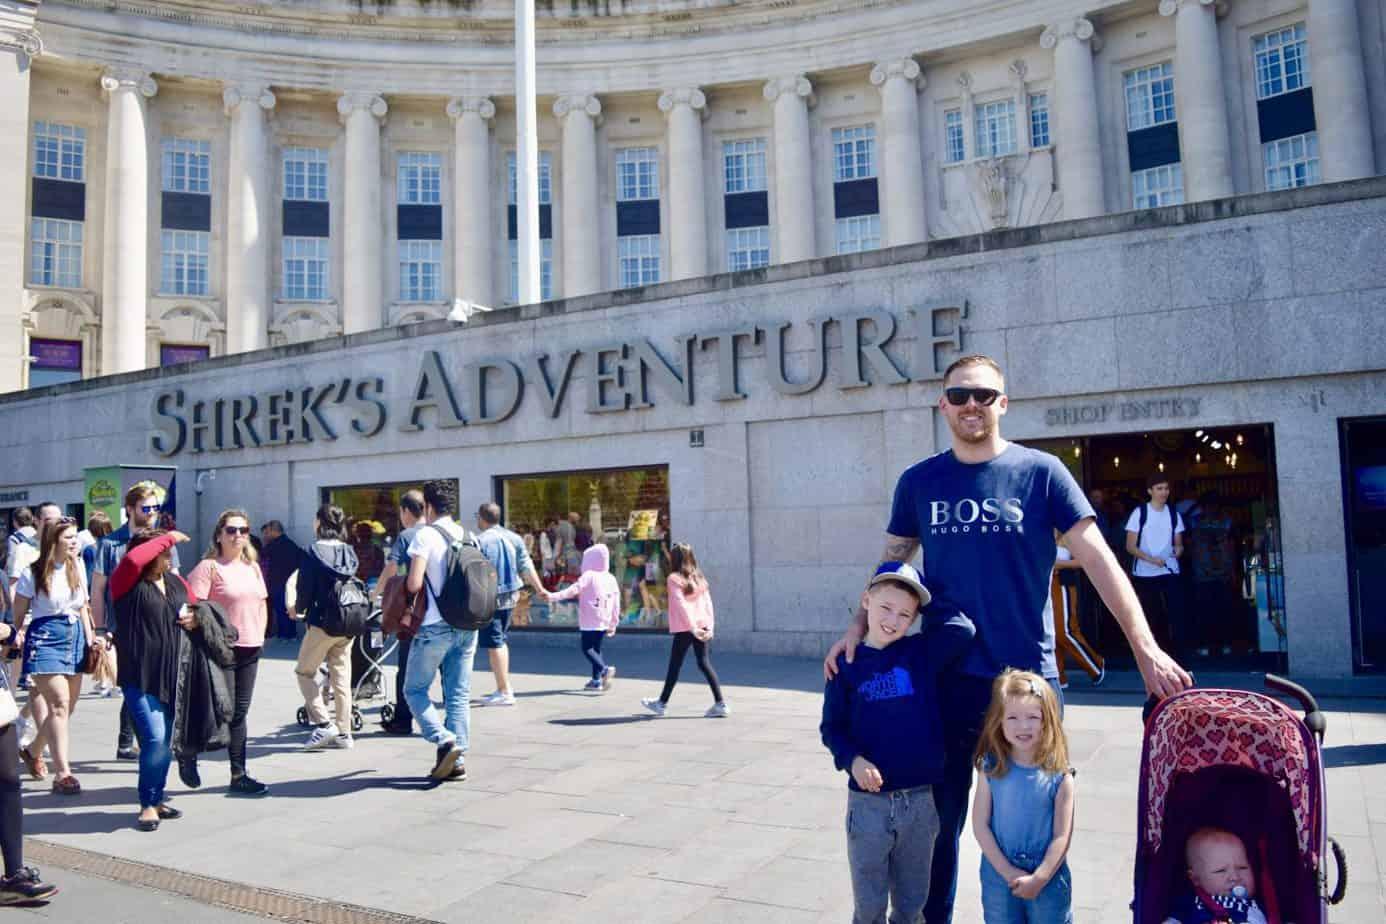 Matt and the children outside shrek's adventure in London